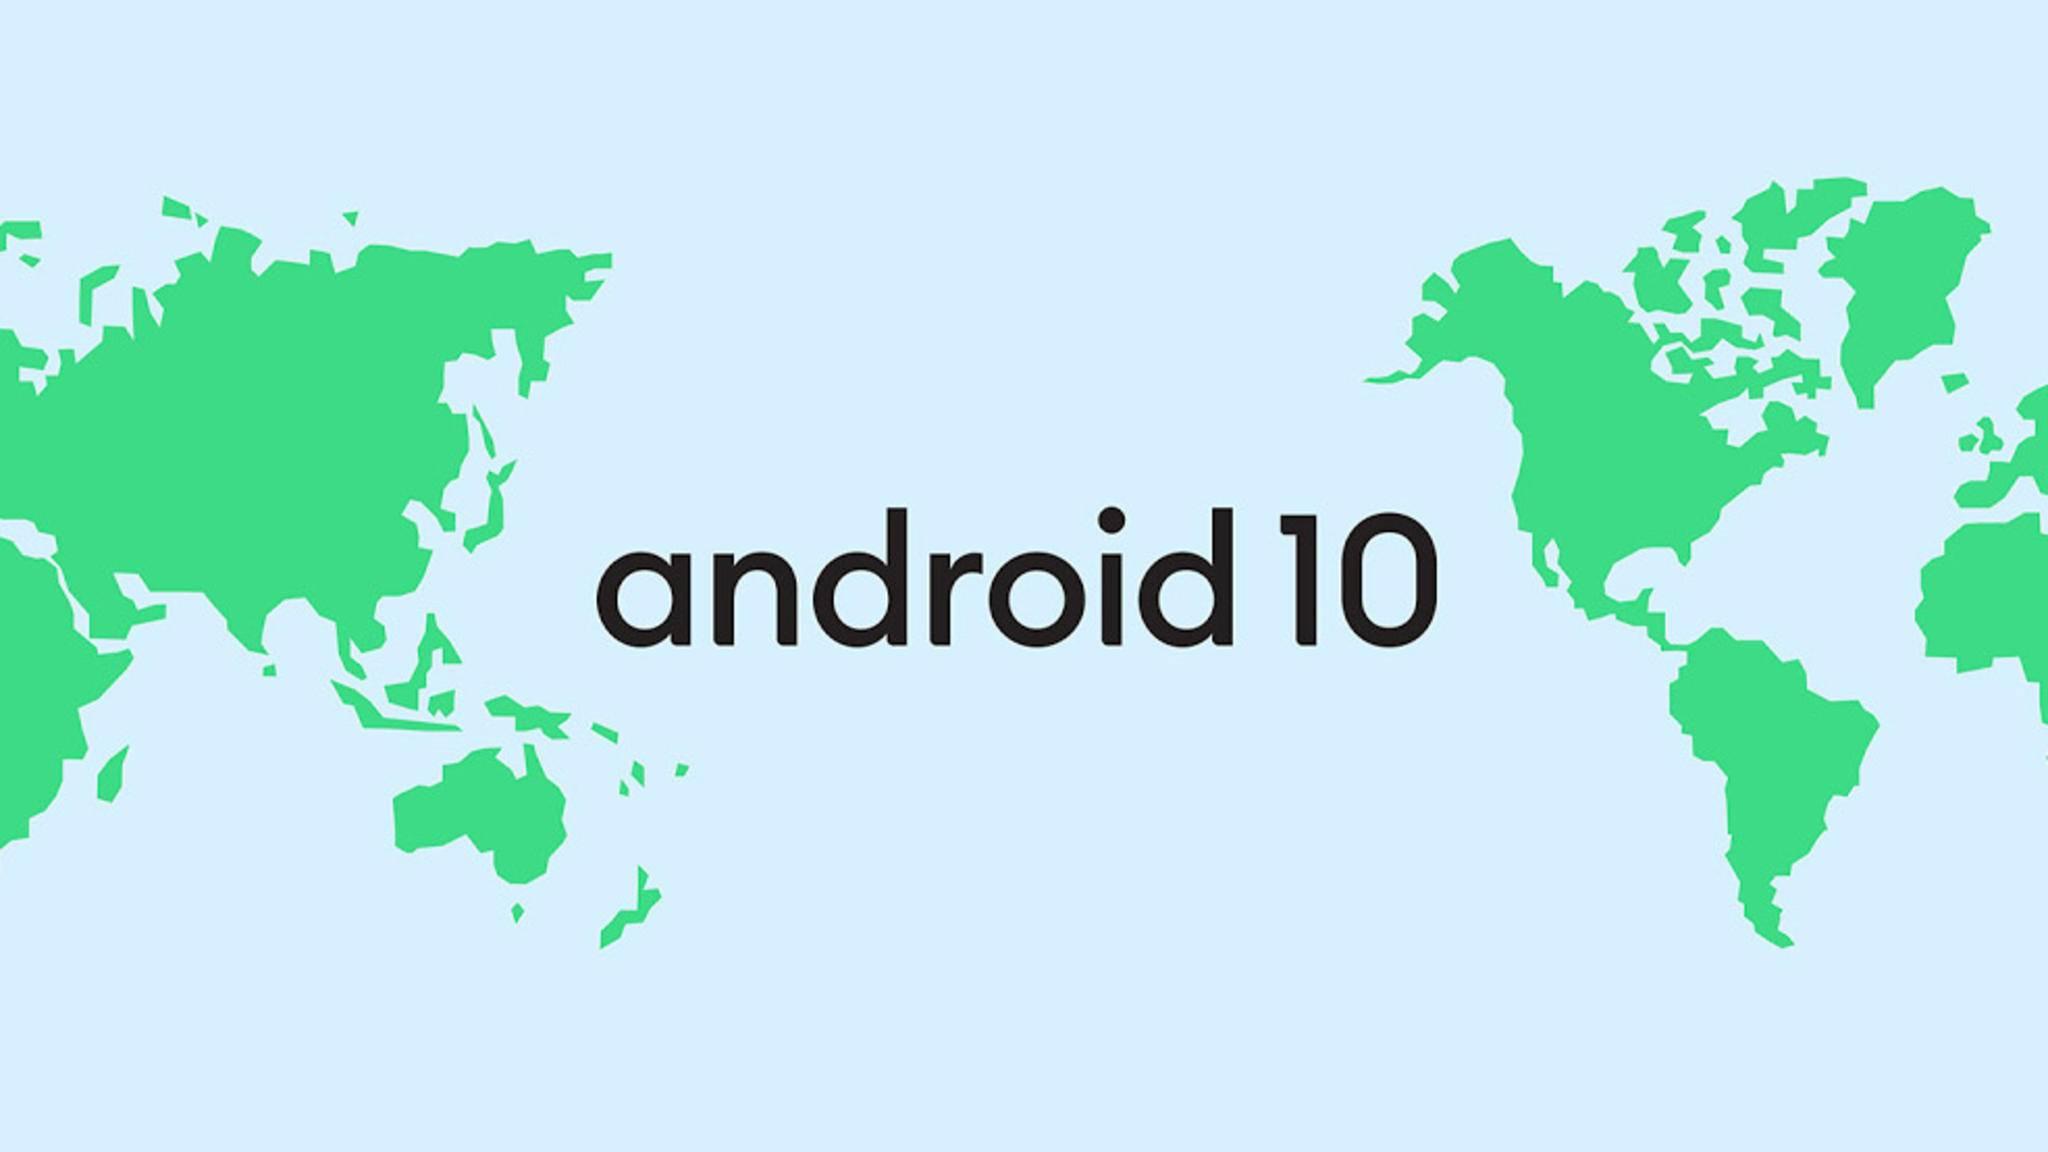 Google macht es sich einfach und benennt sein neues Betriebssystem einfach nach der Versionsnummer.